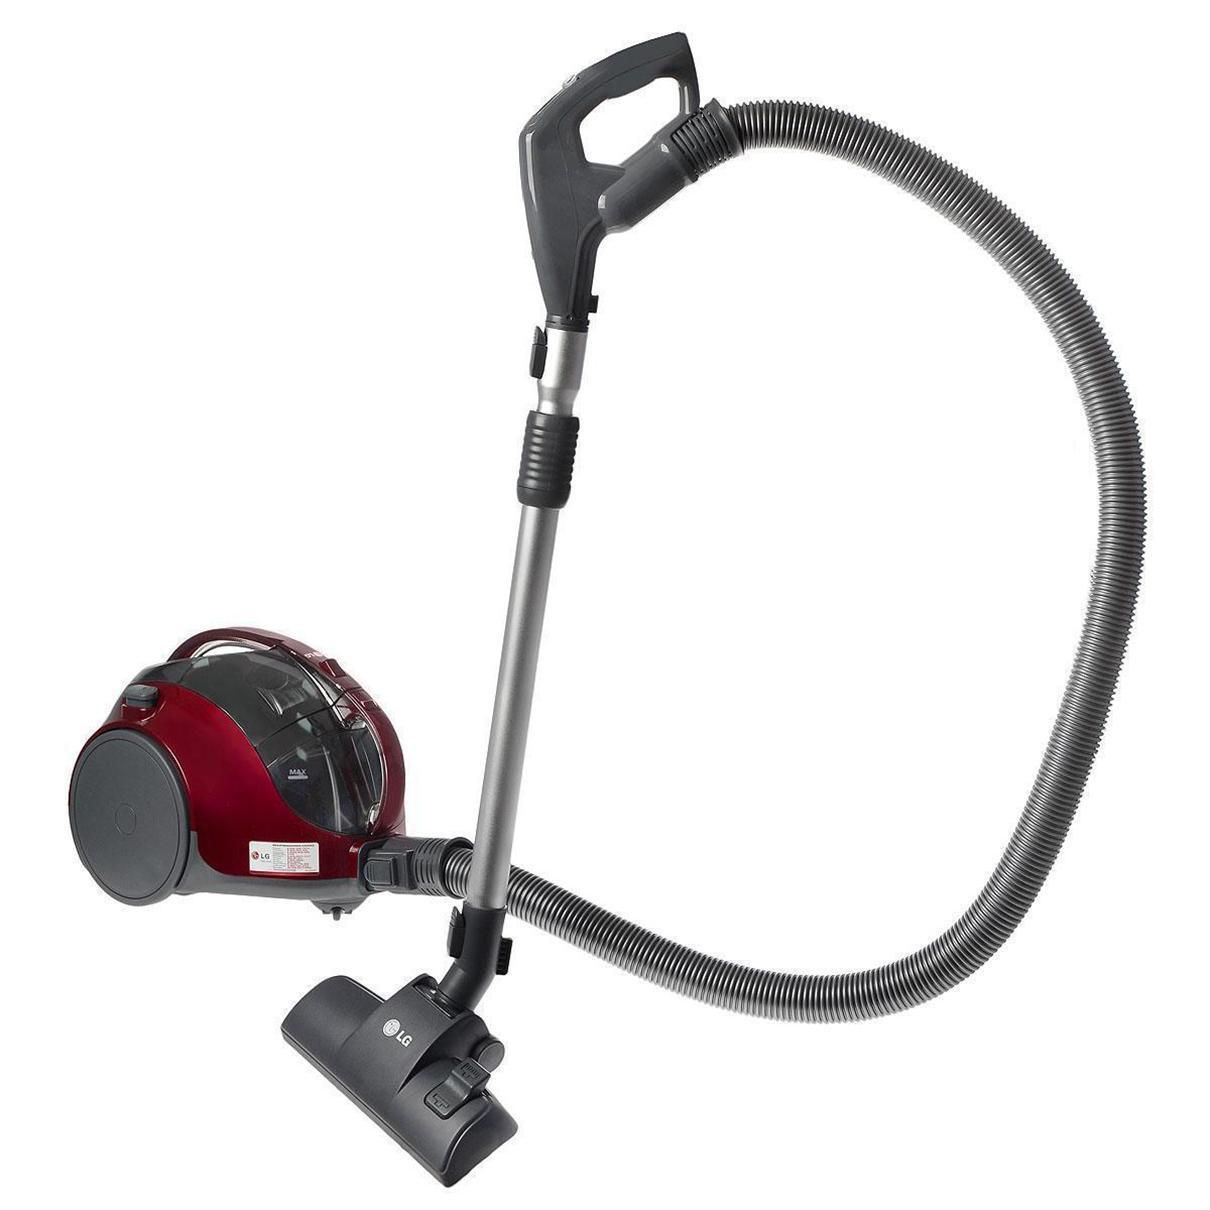 LG VK74W46H пылесосVK74W46HПылесос LG VK74W46H оснащен системой циклонической обработки всасываемой пыли, благодаря которой теперь вам не составит труда вытряхнуть скопившуюся пыль. Еще одна положительная особенность данной системы в том, что наполненность пылесборника никак не влияет на мощность всасывания. Она составляет 380 ватт. Вместе с тем, мощность потребления электроэнергии составляет совершенно небольшую величину – 1250 ватт. Среди прочих конструкторских дополнений модель обладает телескопической системой регулировки трубки всасывания, переключателем мощности на рукоятке, индикатором наполненности пылесборника и пятиметровым кабелем питания.